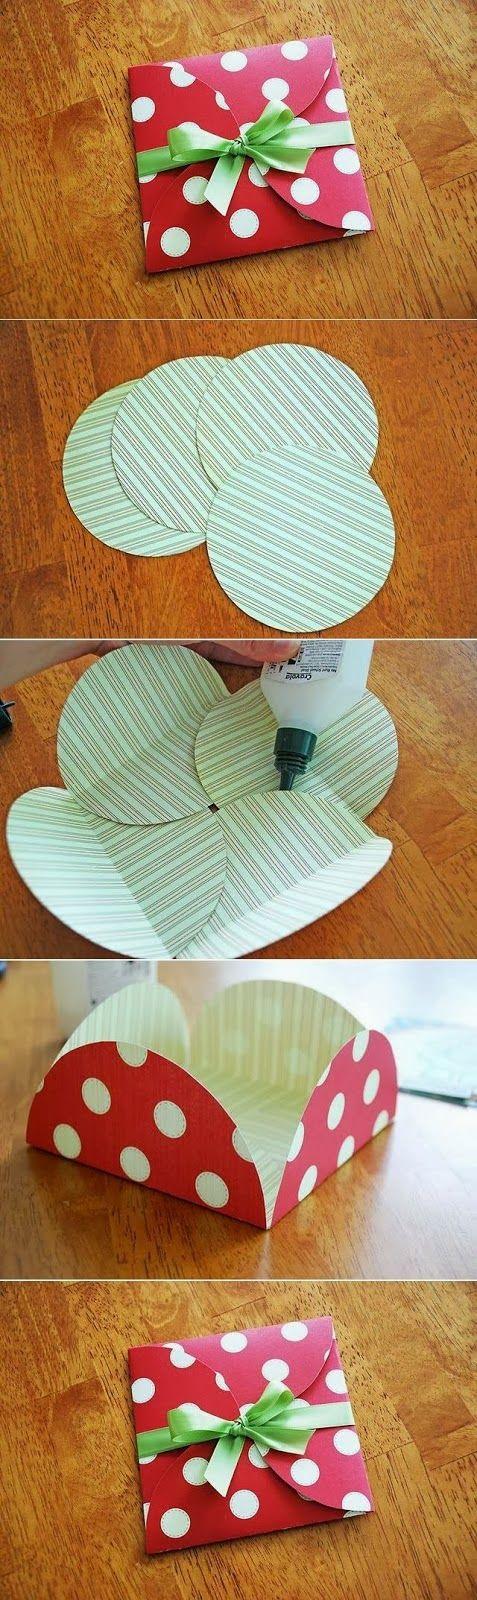 Top 10 DIYs Daily: Make a Simple Beautiful Envelope